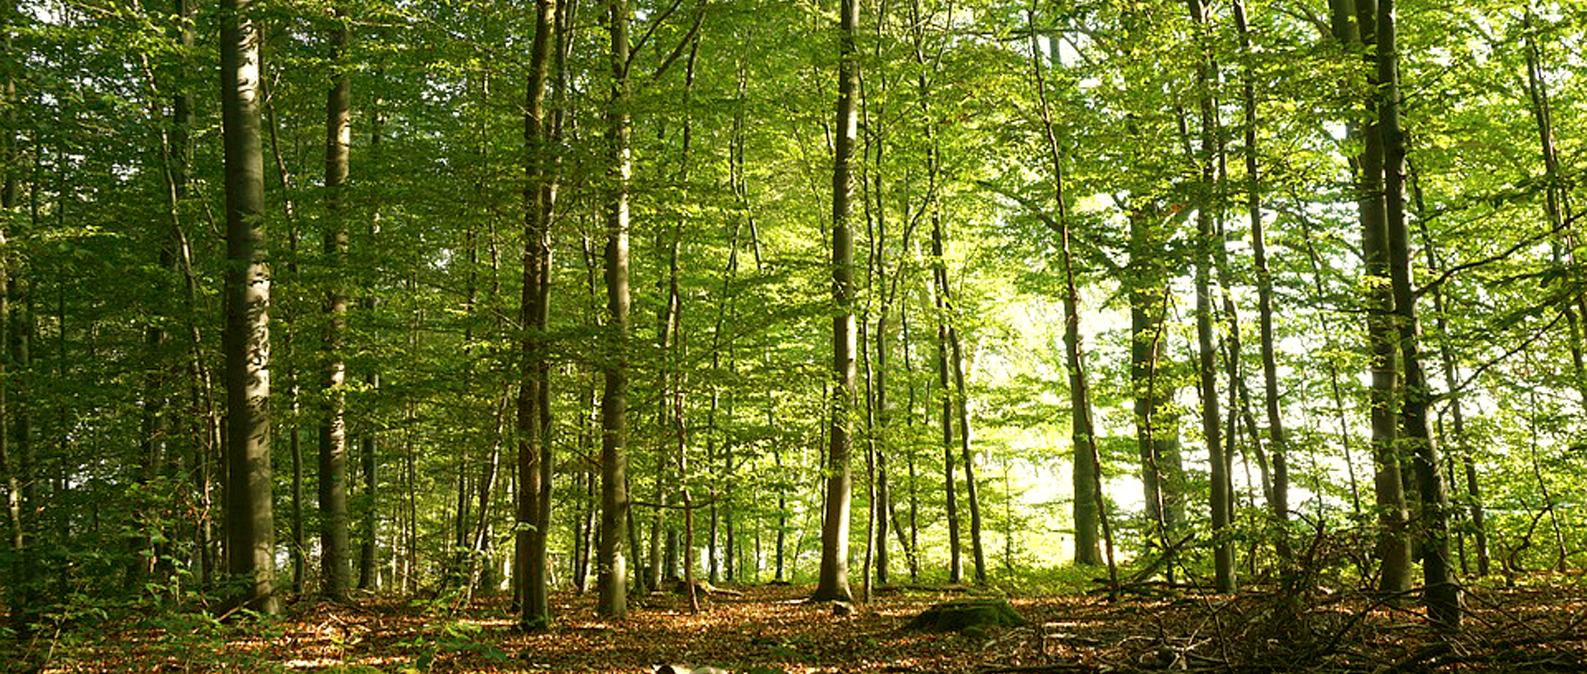 Le bois, un matériau naturel et écologique.